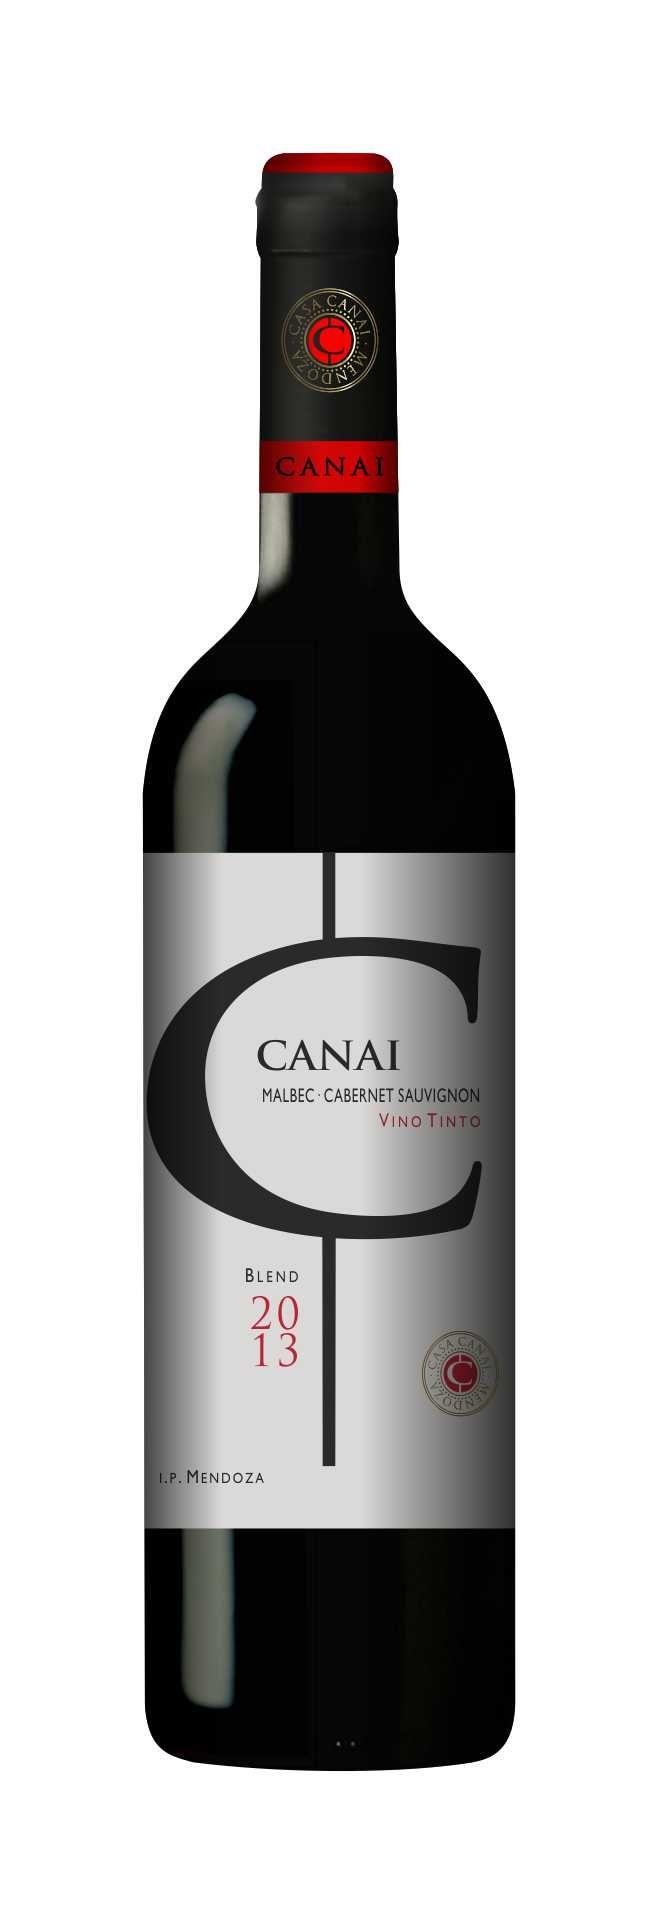 Blend Malbec-Cabernet Sauvignon CASA CANAI Alta Gama